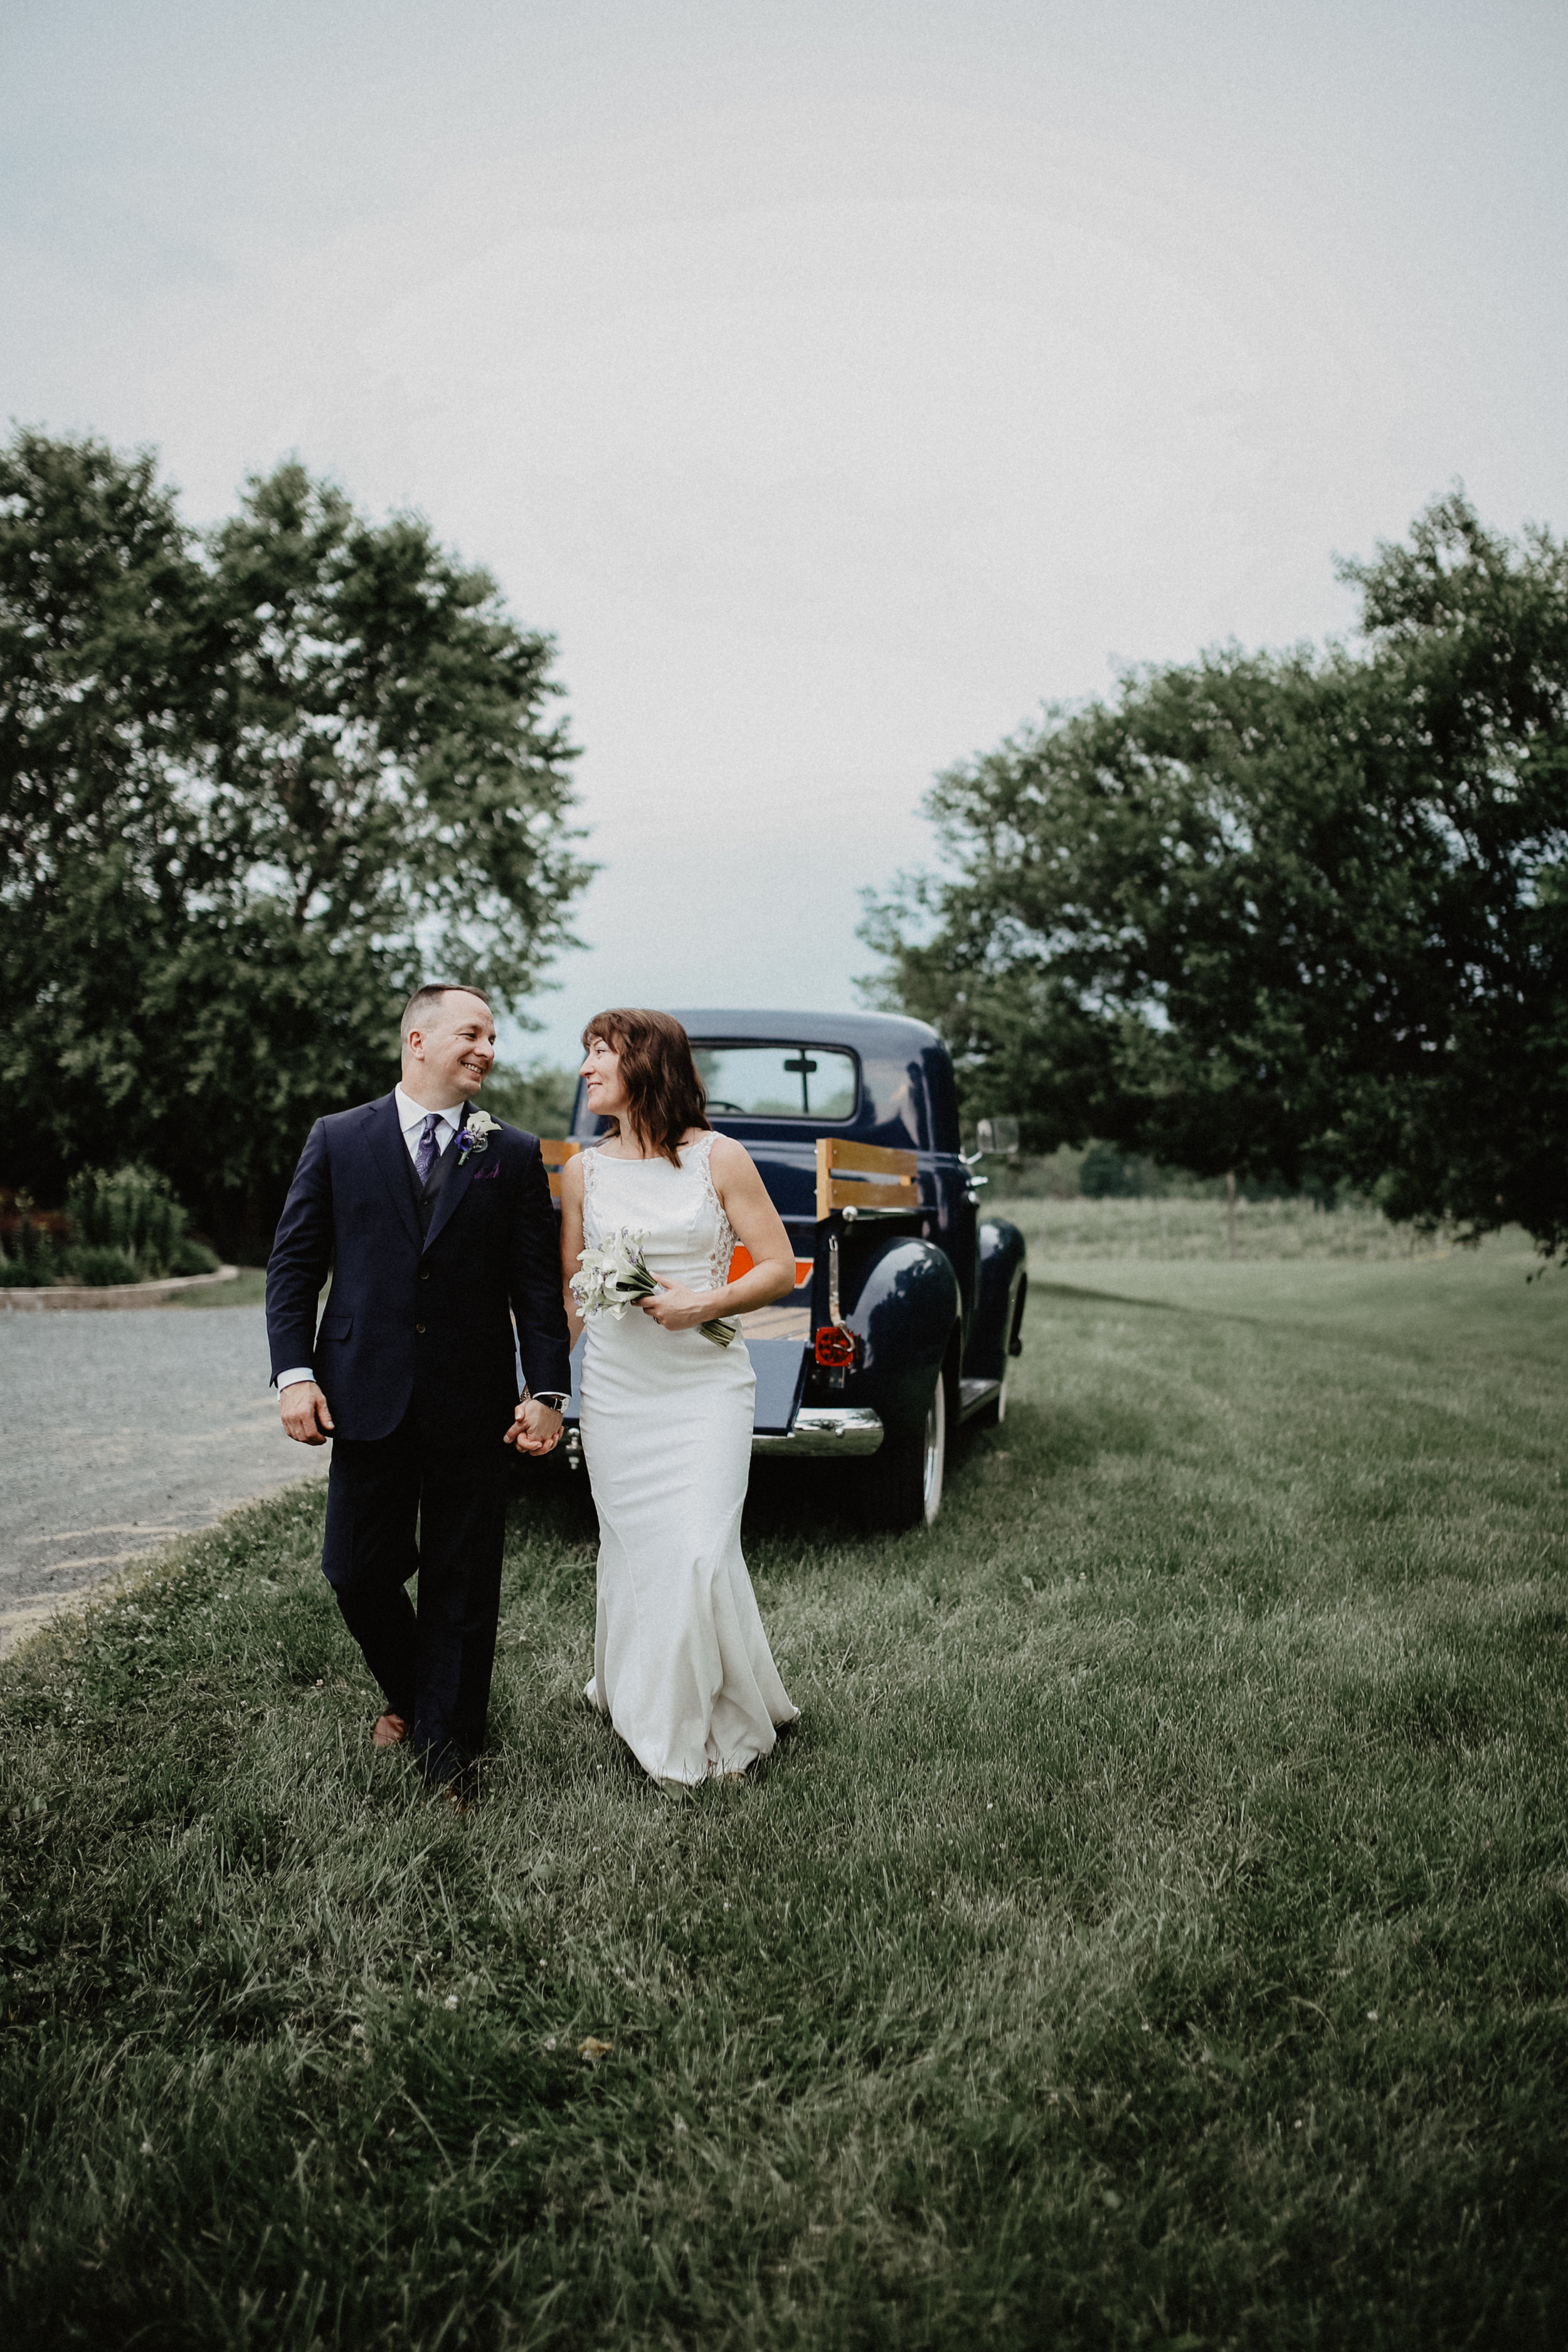 SarahChris_Married_2018-202.jpg